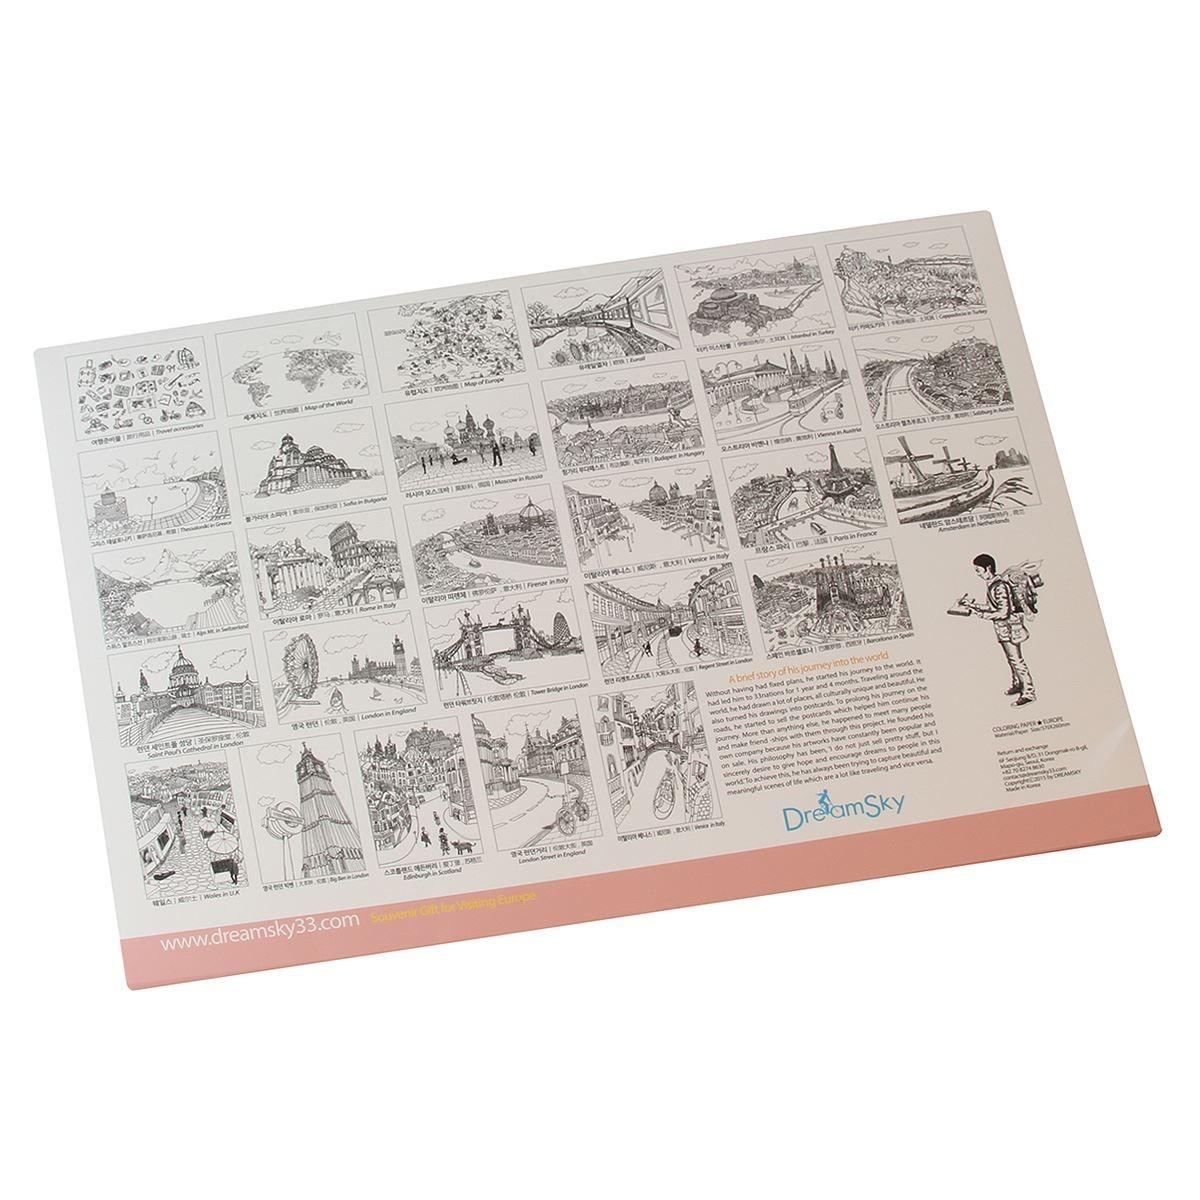 Papeles De Europa Para Colorear - $ 220.00 en Mercado Libre